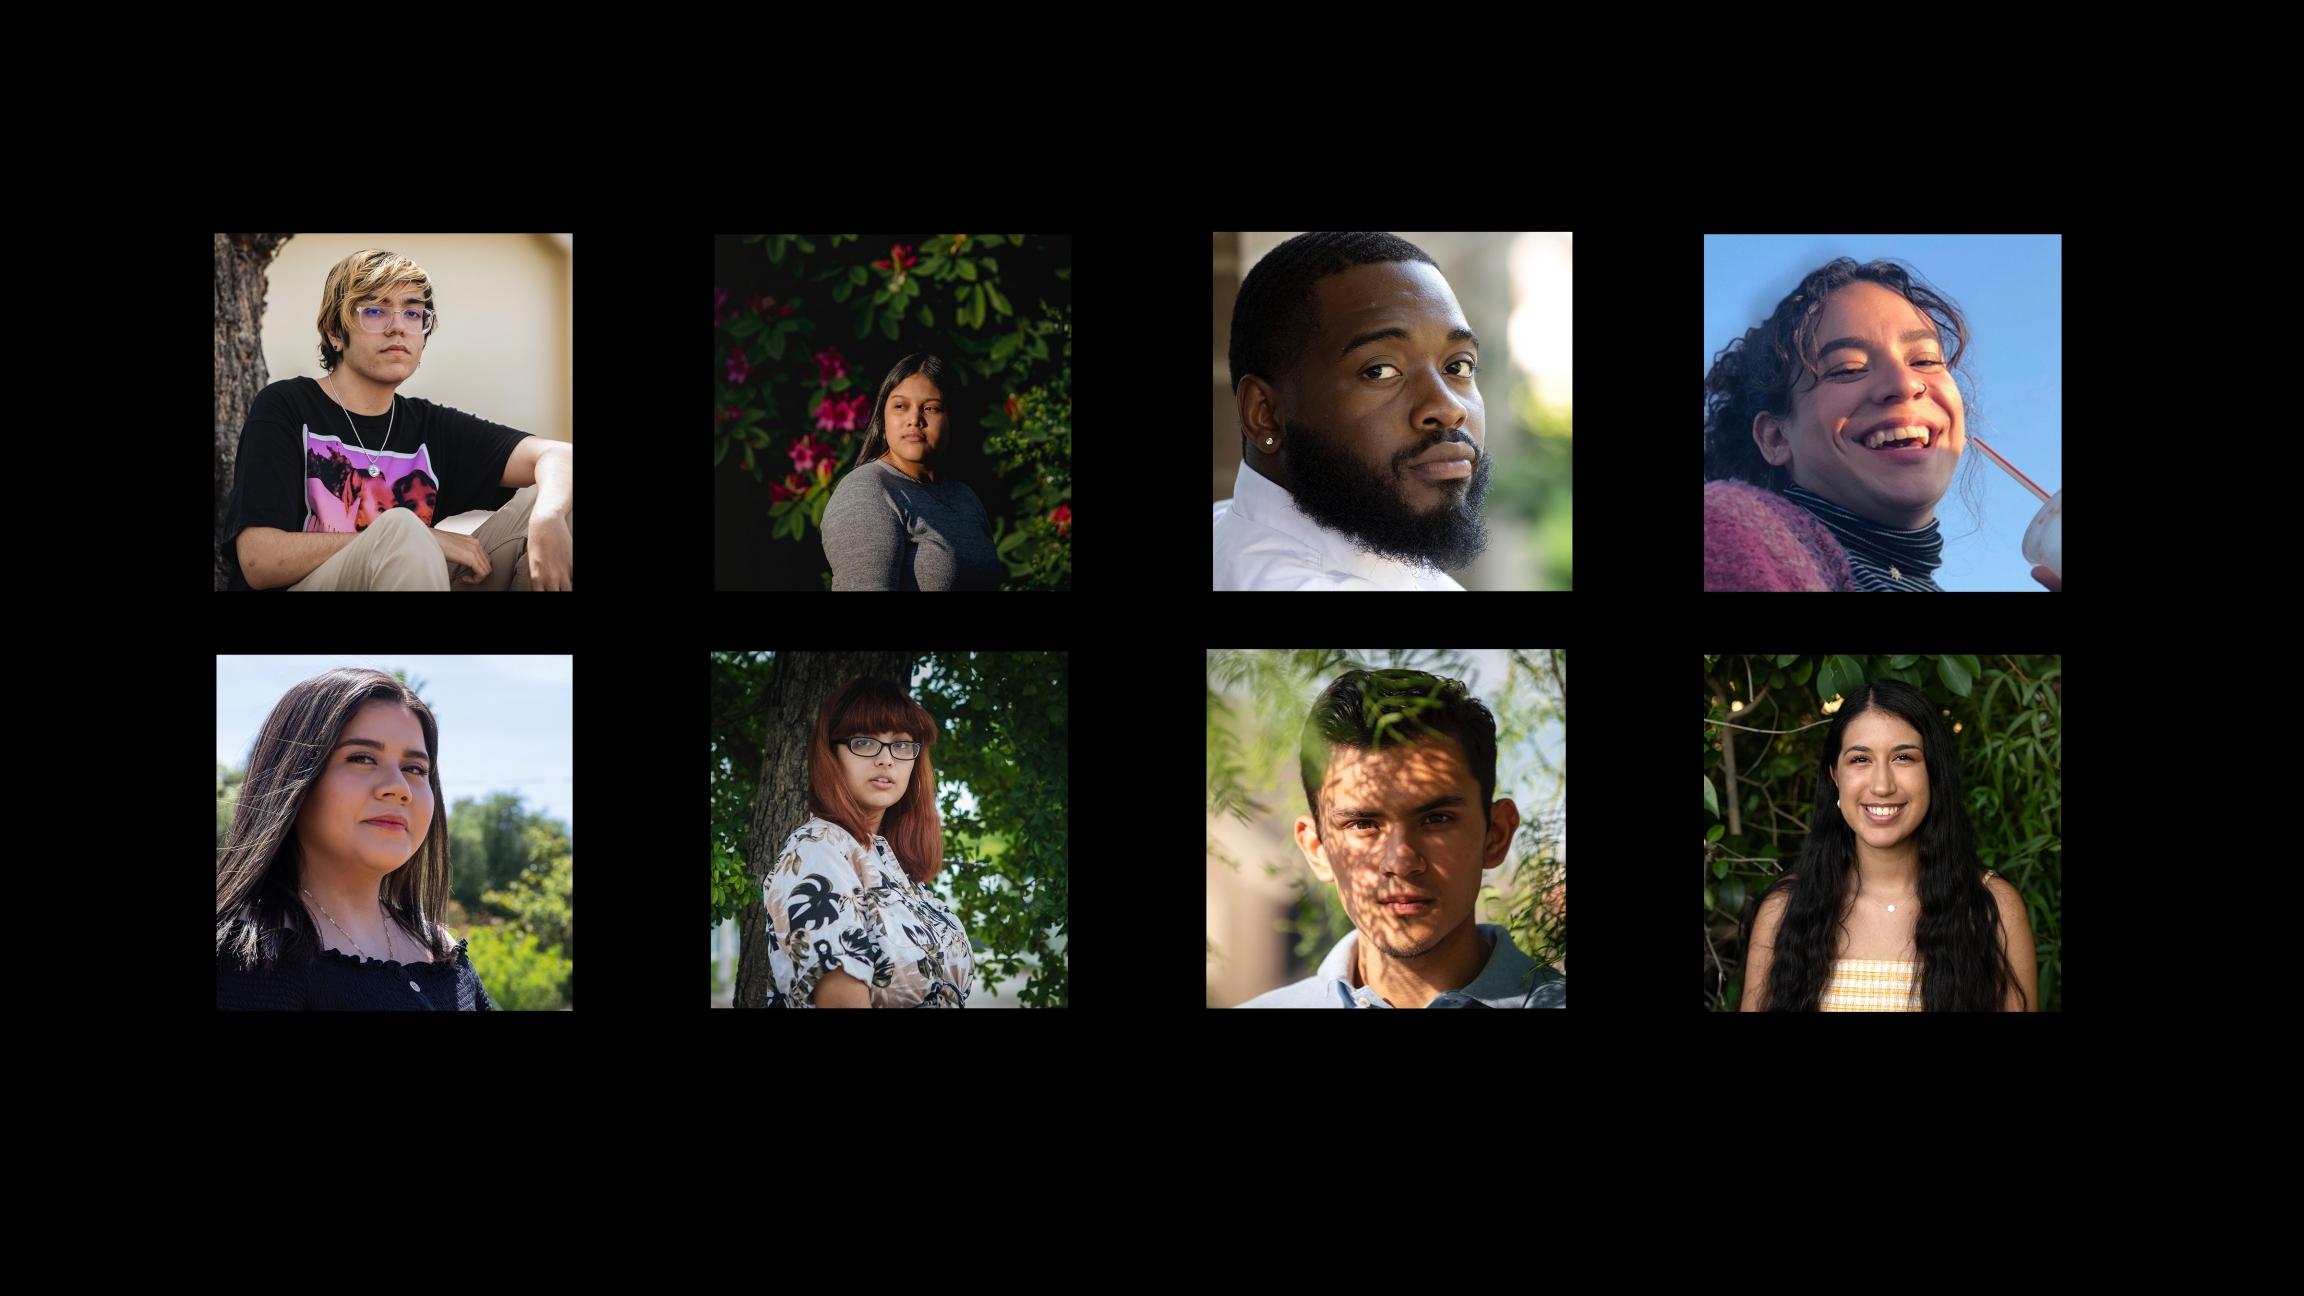 Una photo con el collage de 8 retratos de jovenes sobre un fondo negro.